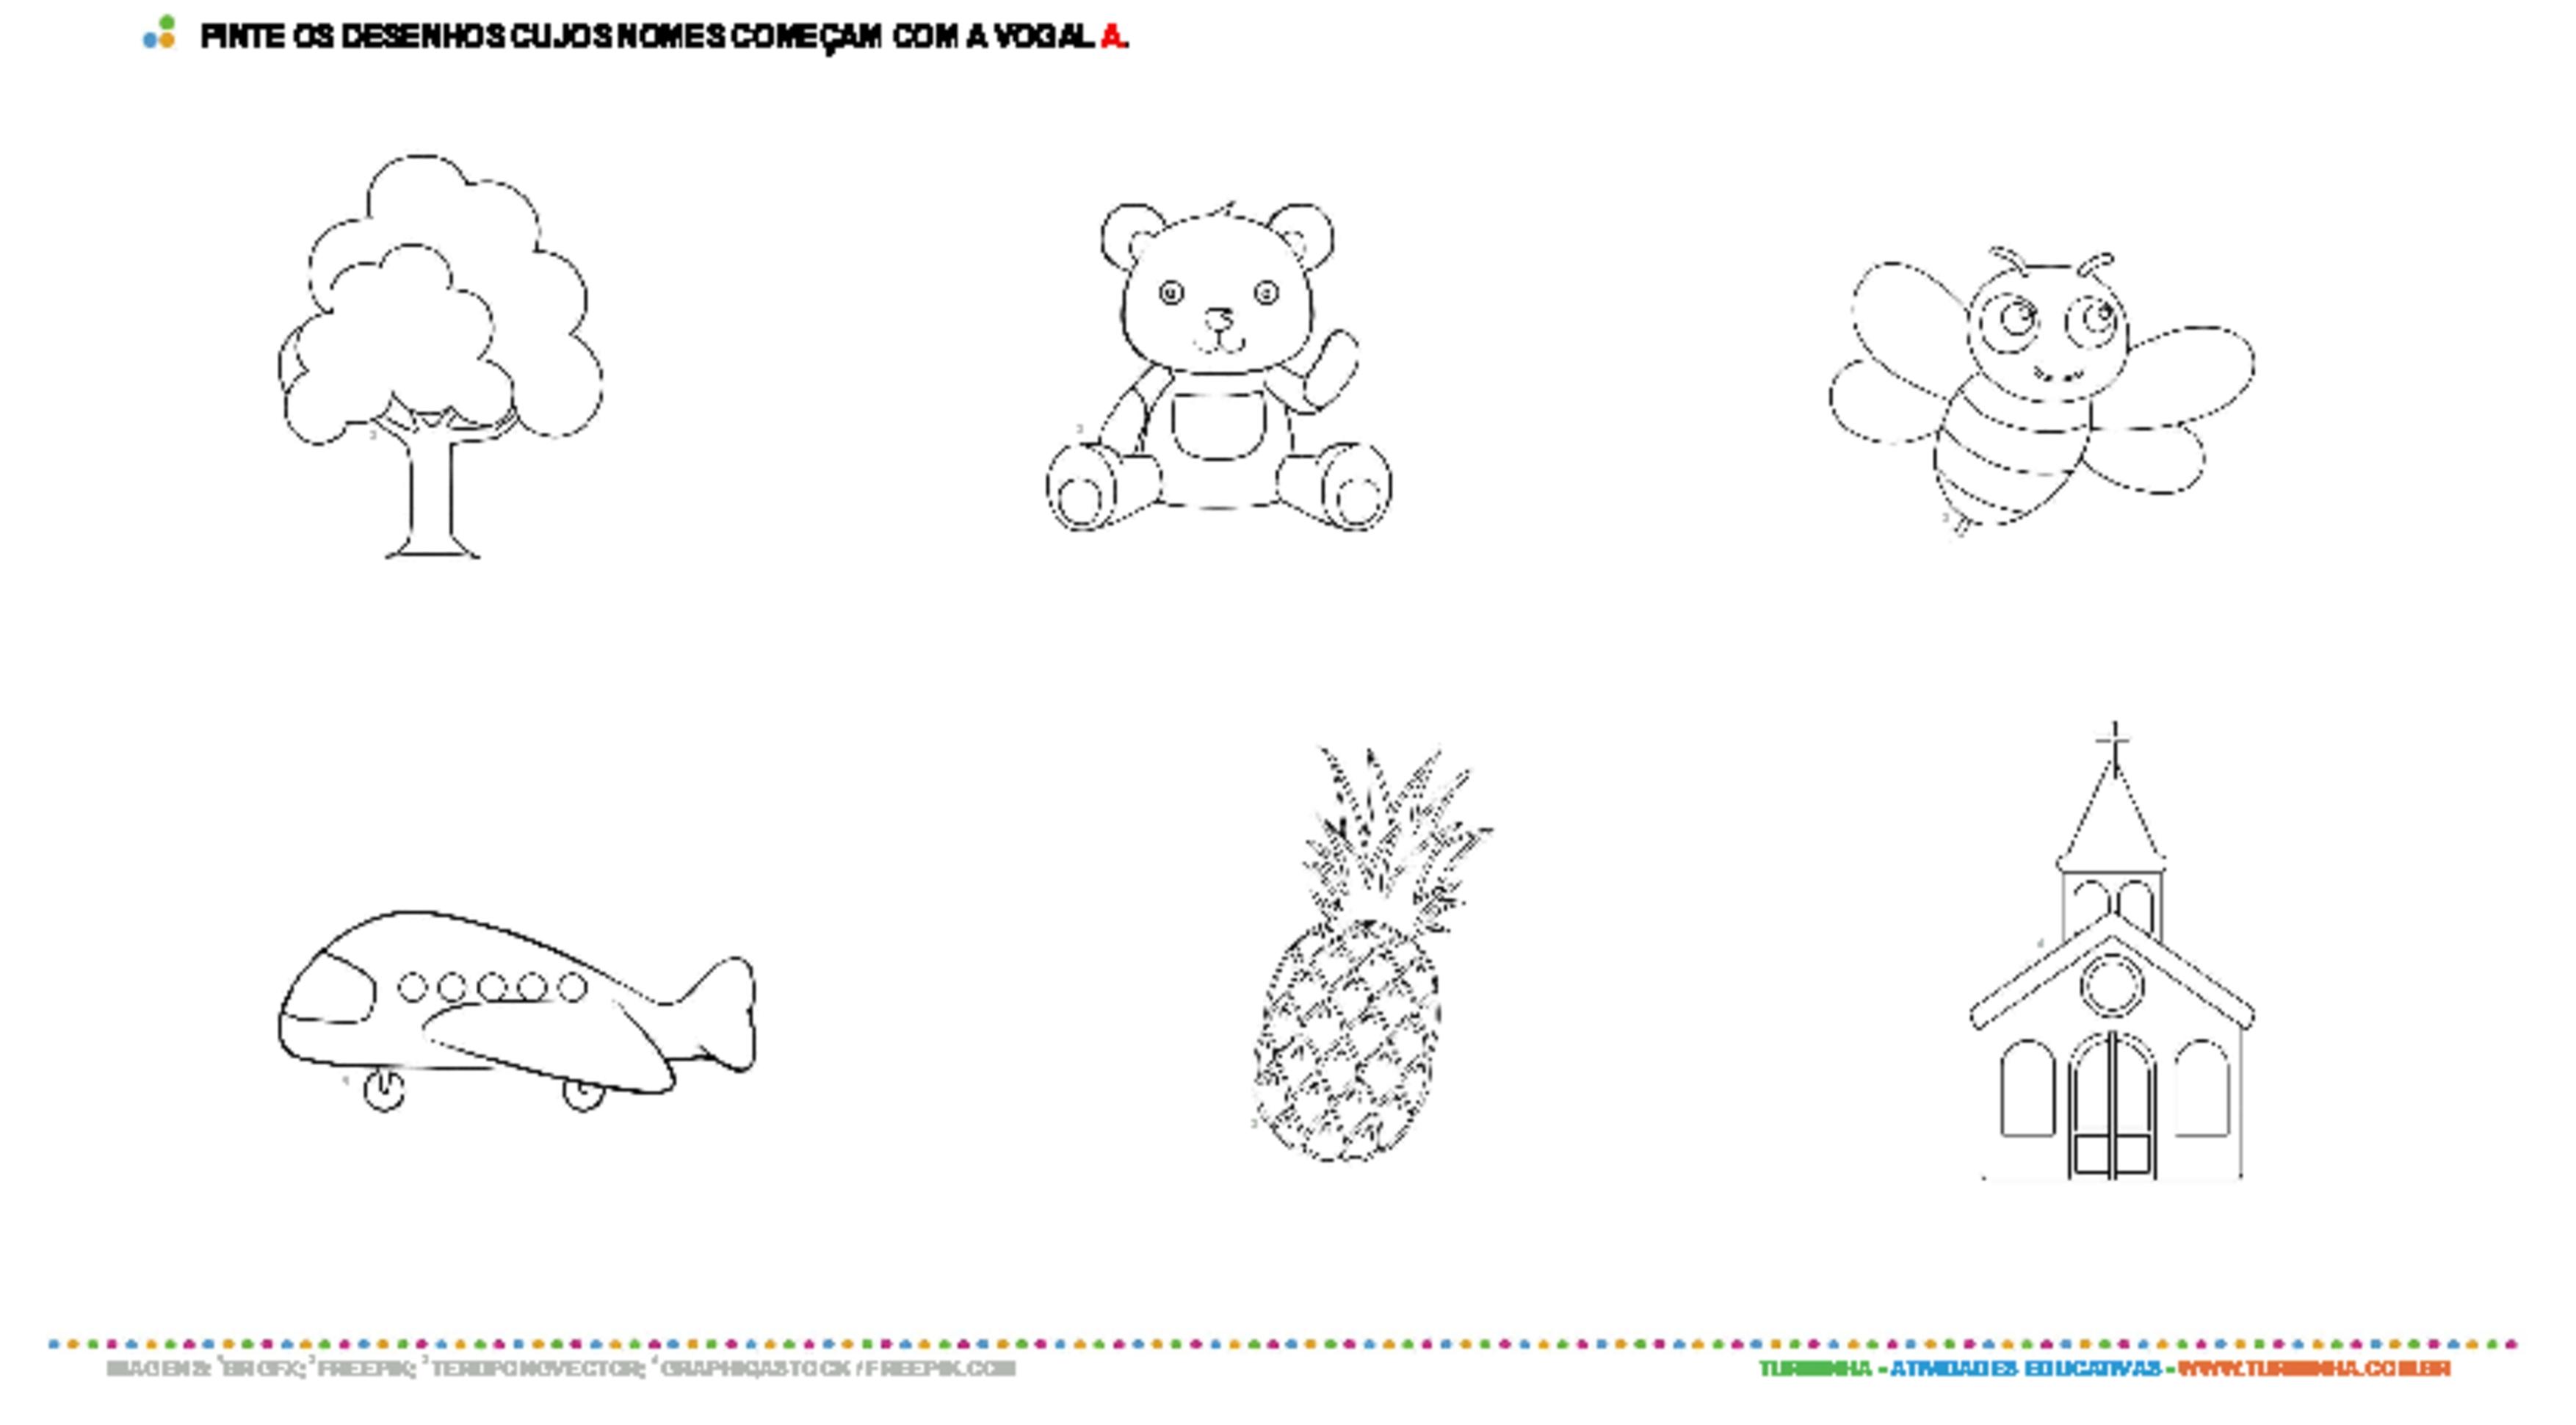 Colorindo desenhos com a vogal A - atividade educativa para Pré-Escola (4 e 5 anos)